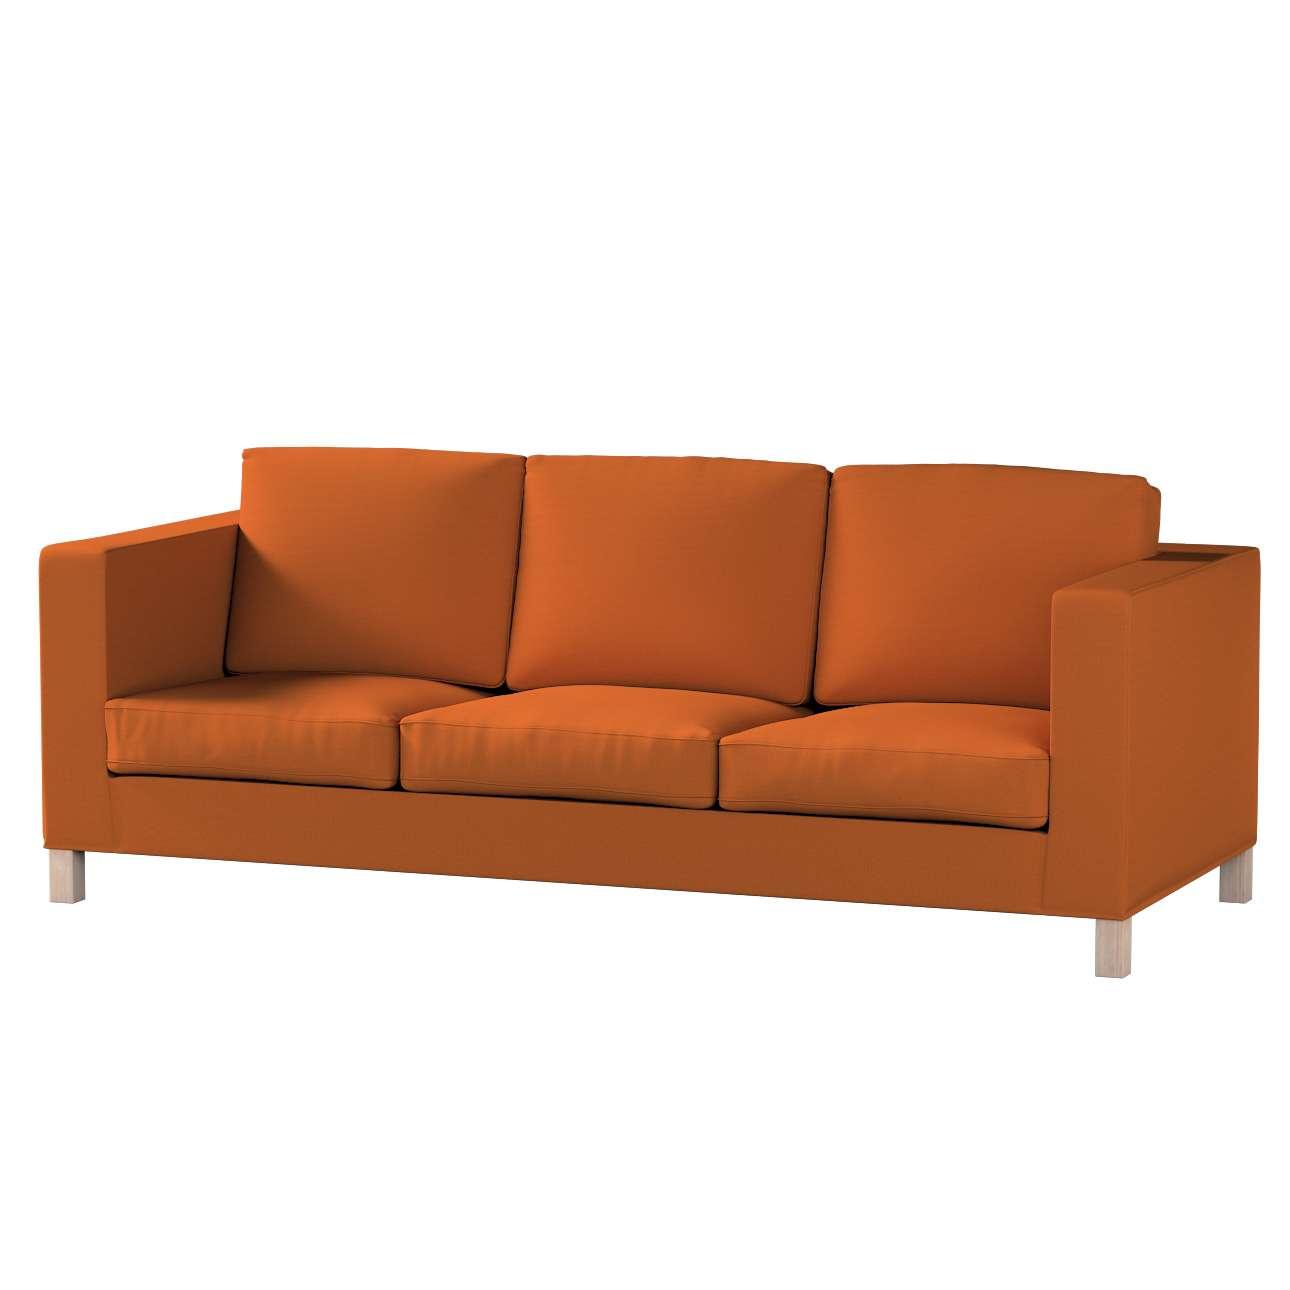 Pokrowiec na sofę Karlanda 3-osobową nierozkładaną, krótki w kolekcji Cotton Panama, tkanina: 702-42